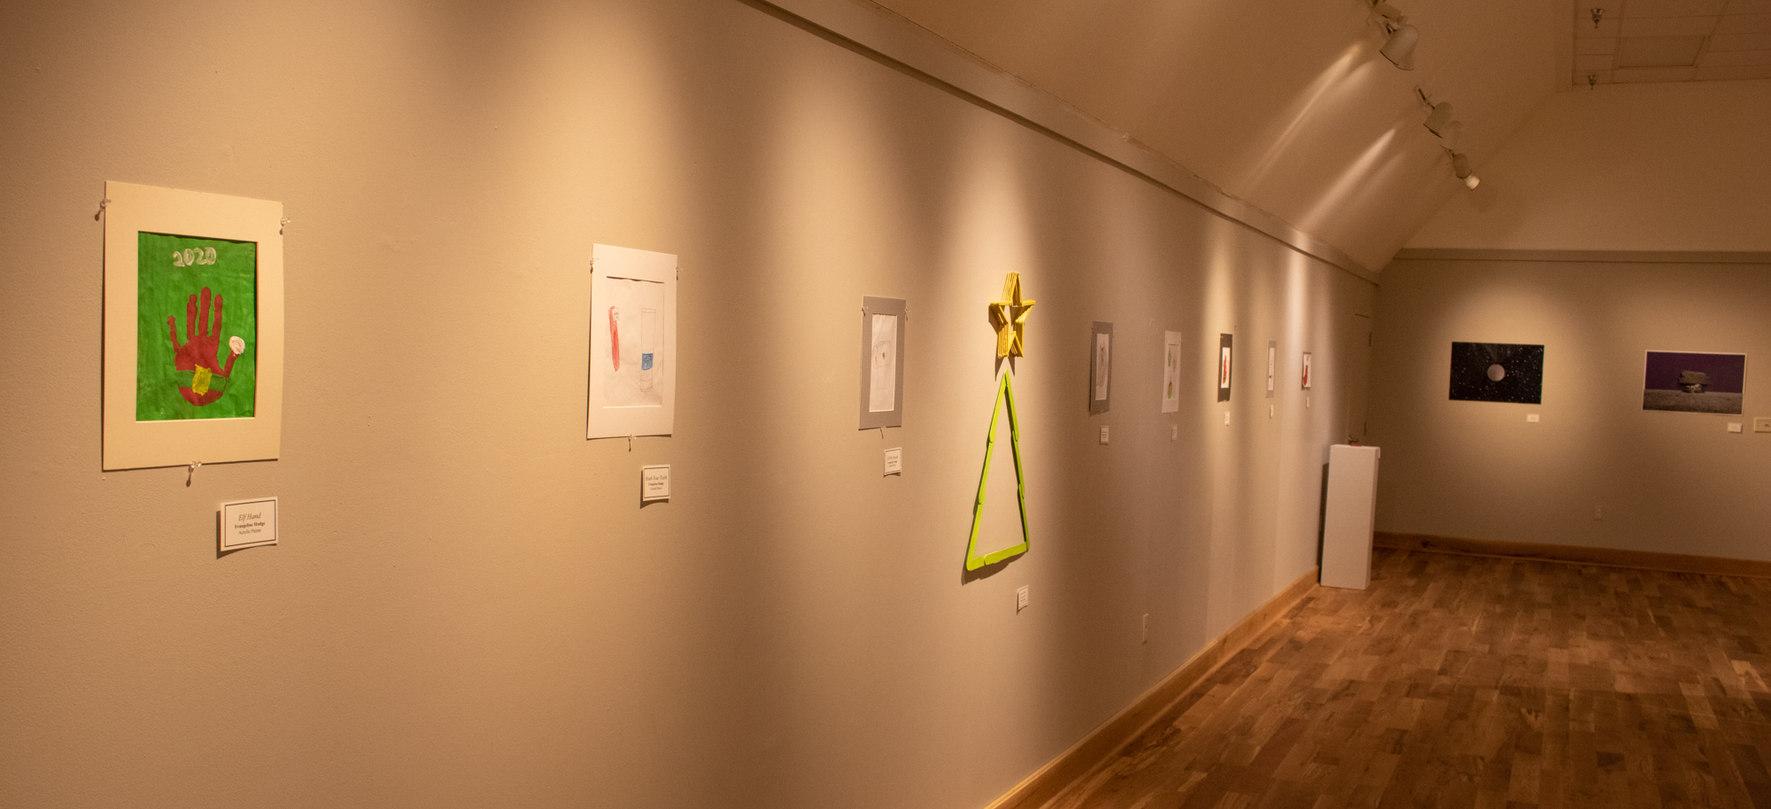 Gallery Floor - East Wall